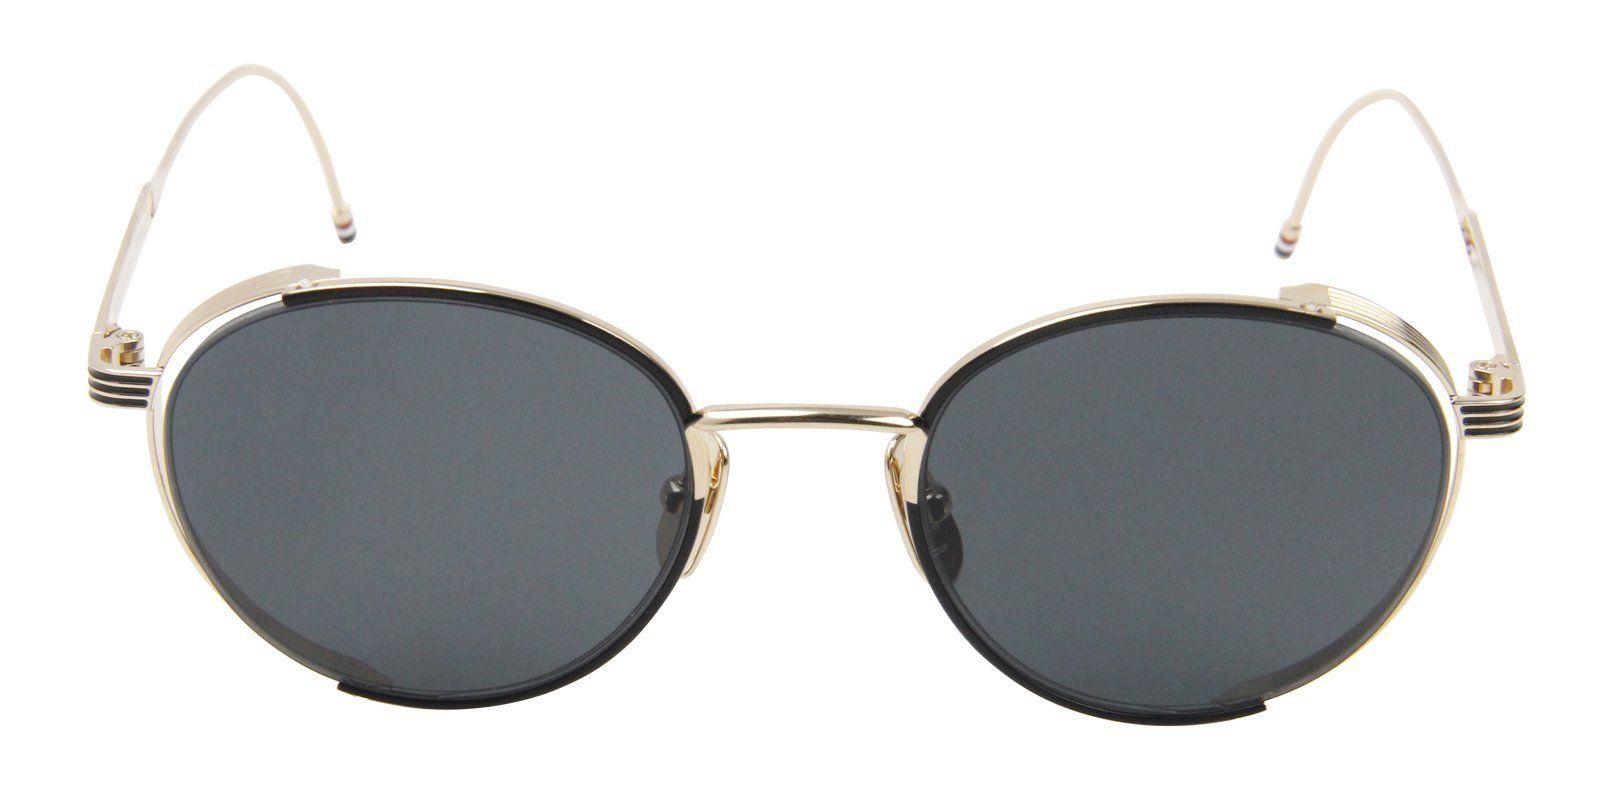 19c6ac7e87c1 Thom Browne - TB106A Gold - Green sunglasses